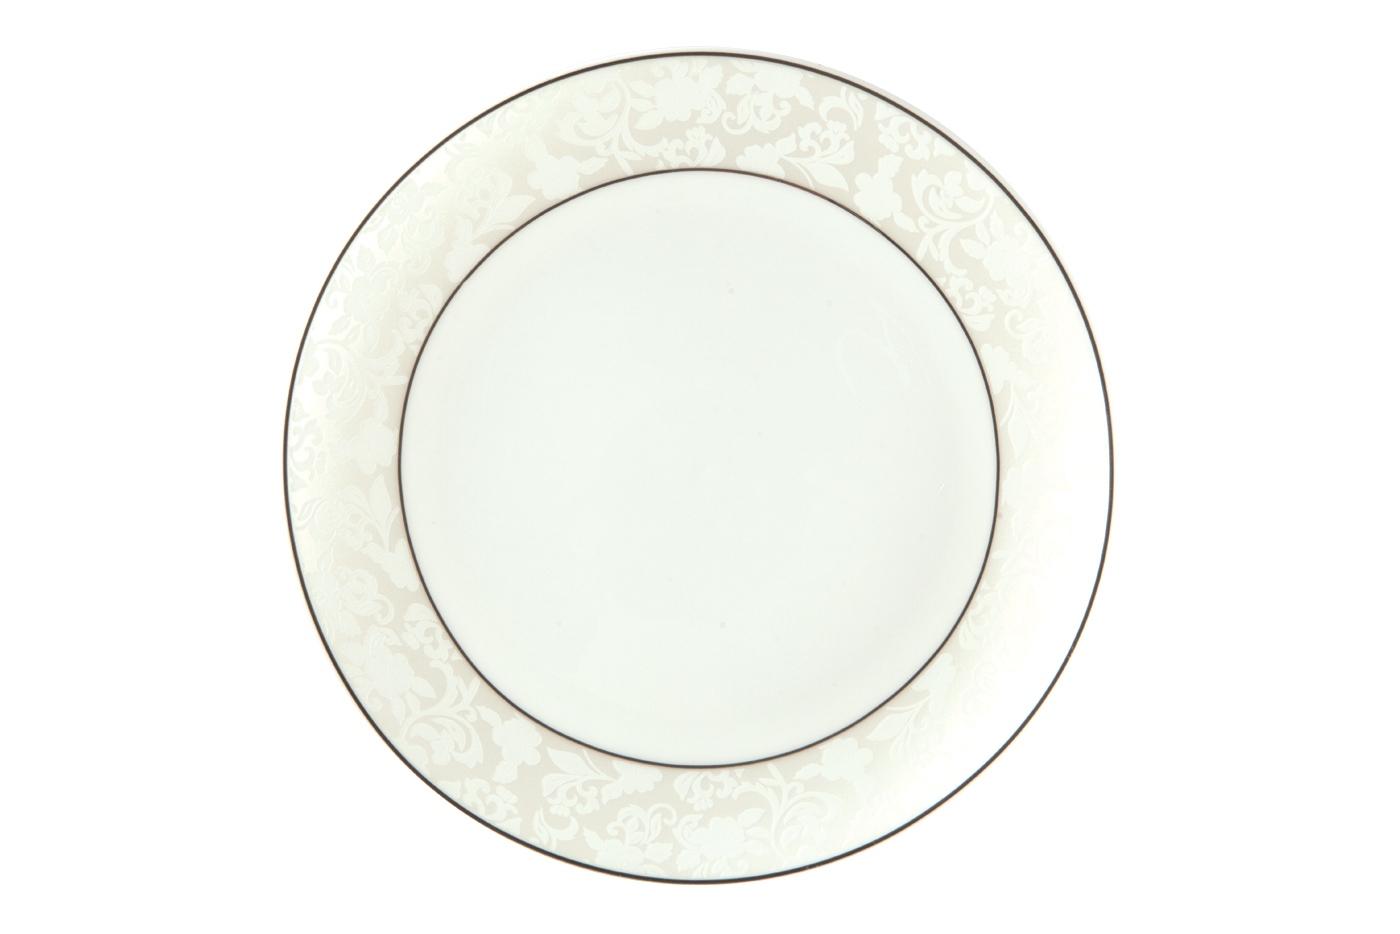 Набор из 6 тарелок Royal Aurel Пион белый (25см) арт.605Наборы тарелок<br>Набор из 6 тарелок Royal Aurel Пион белый (25см) арт.605<br>Производить посуду из фарфора начали в Китае на стыке 6-7 веков. Неустанно совершенствуя и селективно отбирая сырье для производства посуды из фарфора, мастерам удалось добиться выдающихся характеристик фарфора: белизны и тонкостенности. В XV веке появился особый интерес к китайской фарфоровой посуде, так как в это время Европе возникла мода на самобытные китайские вещи. Роскошный китайский фарфор являлся изыском и был в новинку, поэтому он выступал в качестве подарка королям, а также знатным людям. Такой дорогой подарок был очень престижен и по праву являлся элитной посудой. Как известно из многочисленных исторических документов, в Европе китайские изделия из фарфора ценились практически как золото. <br>Проверка изделий из костяного фарфора на подлинность <br>По сравнению с производством других видов фарфора процесс производства изделий из настоящего костяного фарфора сложен и весьма длителен. Посуда из изящного фарфора - это элитная посуда, которая всегда ассоциируется с богатством, величием и благородством. Несмотря на небольшую толщину, фарфоровая посуда - это очень прочное изделие. Для демонстрации плотности и прочности фарфора можно легко коснуться предметов посуды из фарфора деревянной палочкой, и тогда мы услушим характерный металлический звон. В составе фарфоровой посуды присутствует костяная зола, благодаря чему она может быть намного тоньше (не более 2,5 мм) и легче твердого или мягкого фарфора. Безупречная белизна - ключевой признак отличия такого фарфора от других. Цвет обычного фарфора сероватый или ближе к голубоватому, а костяной фарфор будет всегда будет молочно-белого цвета. Характерная и немаловажная деталь - это невесомая прозрачность изделий из фарфора такая, что сквозь него проходит свет.<br>